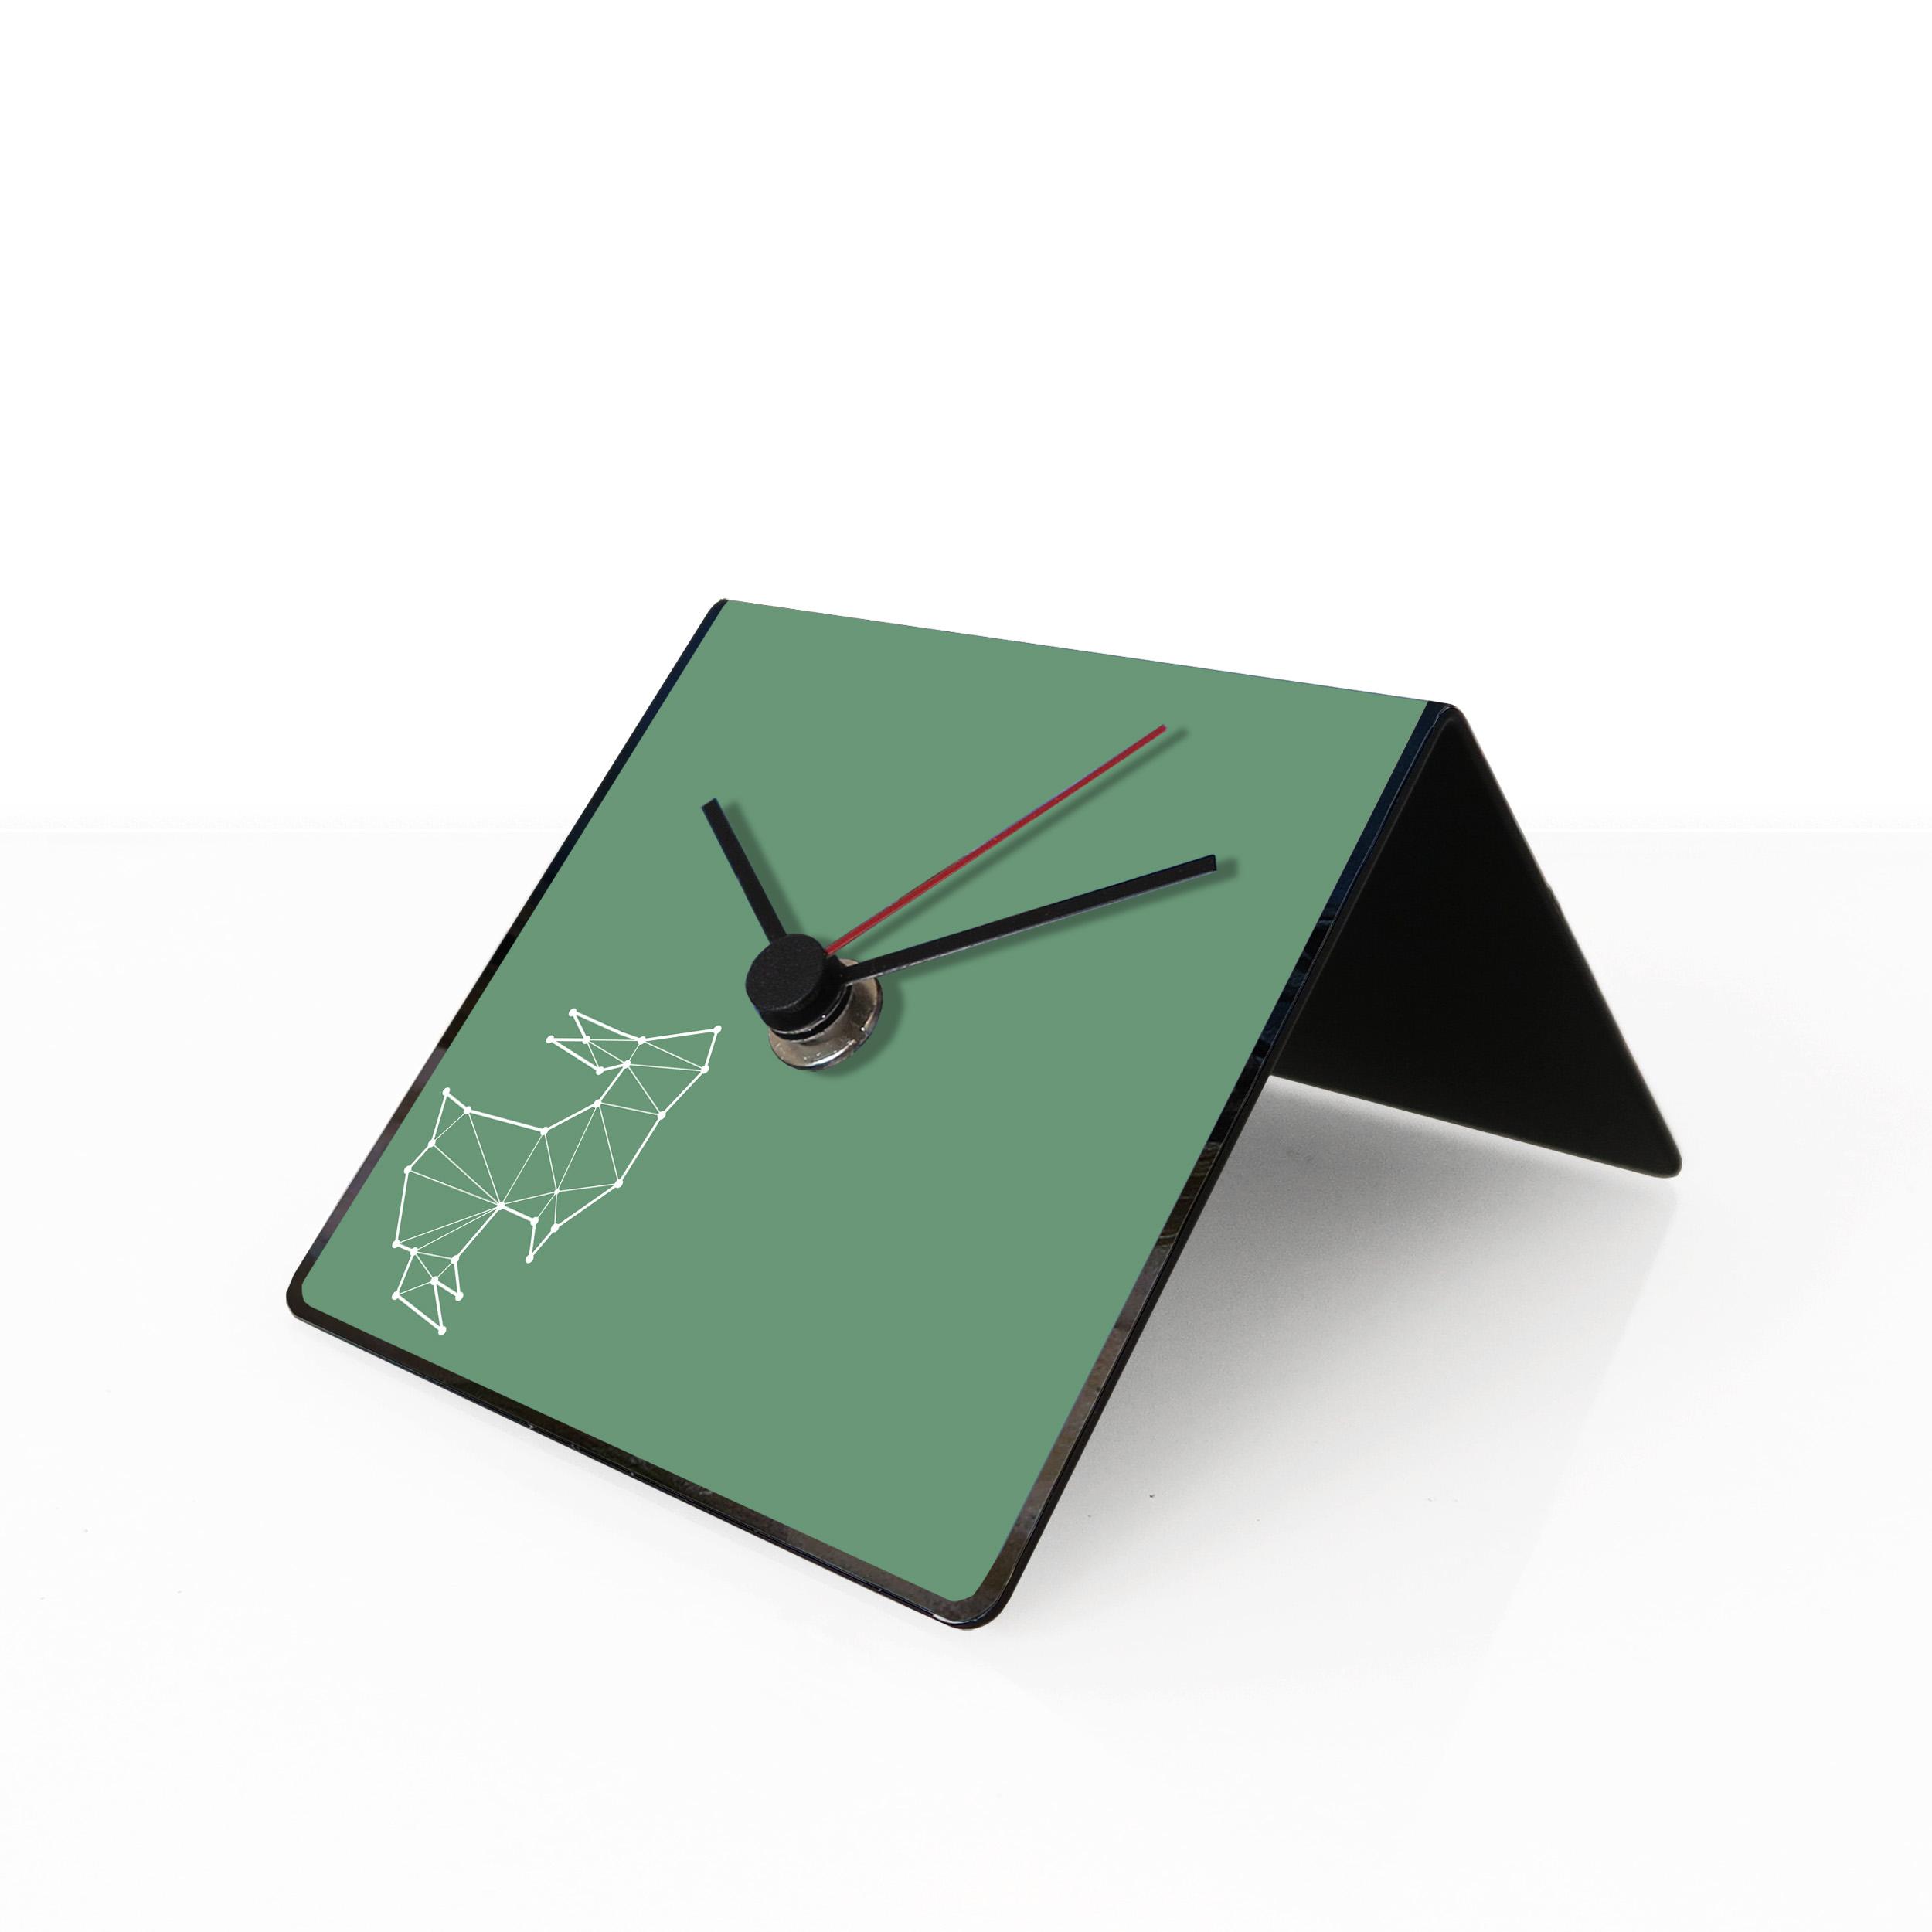 coniglio-totem-design-clock